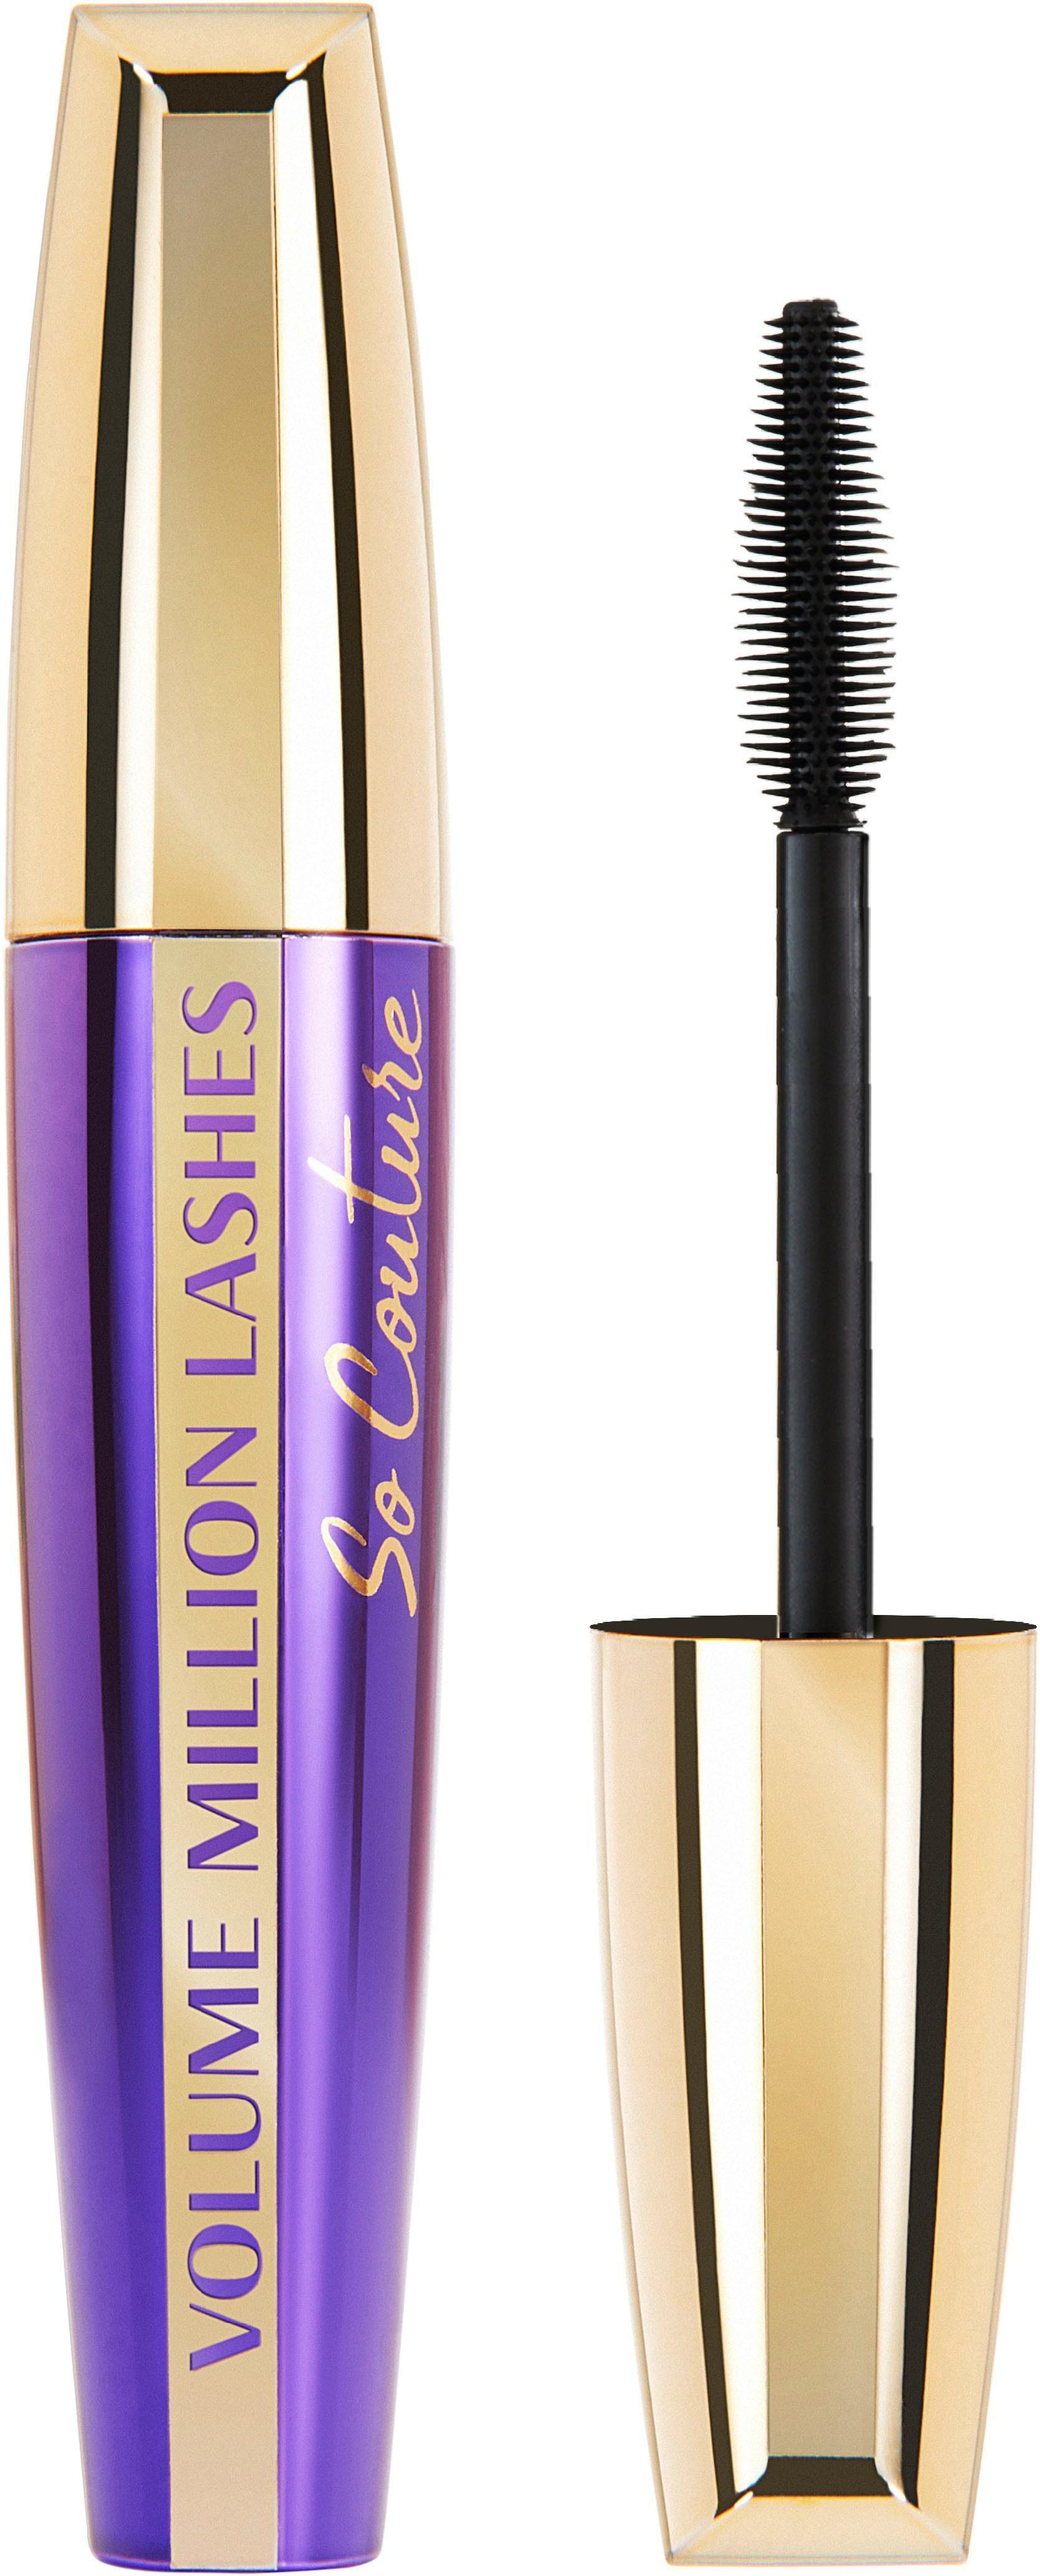 L'Oréal Paris, »Volume Million Lashes So Couture«, Mascara